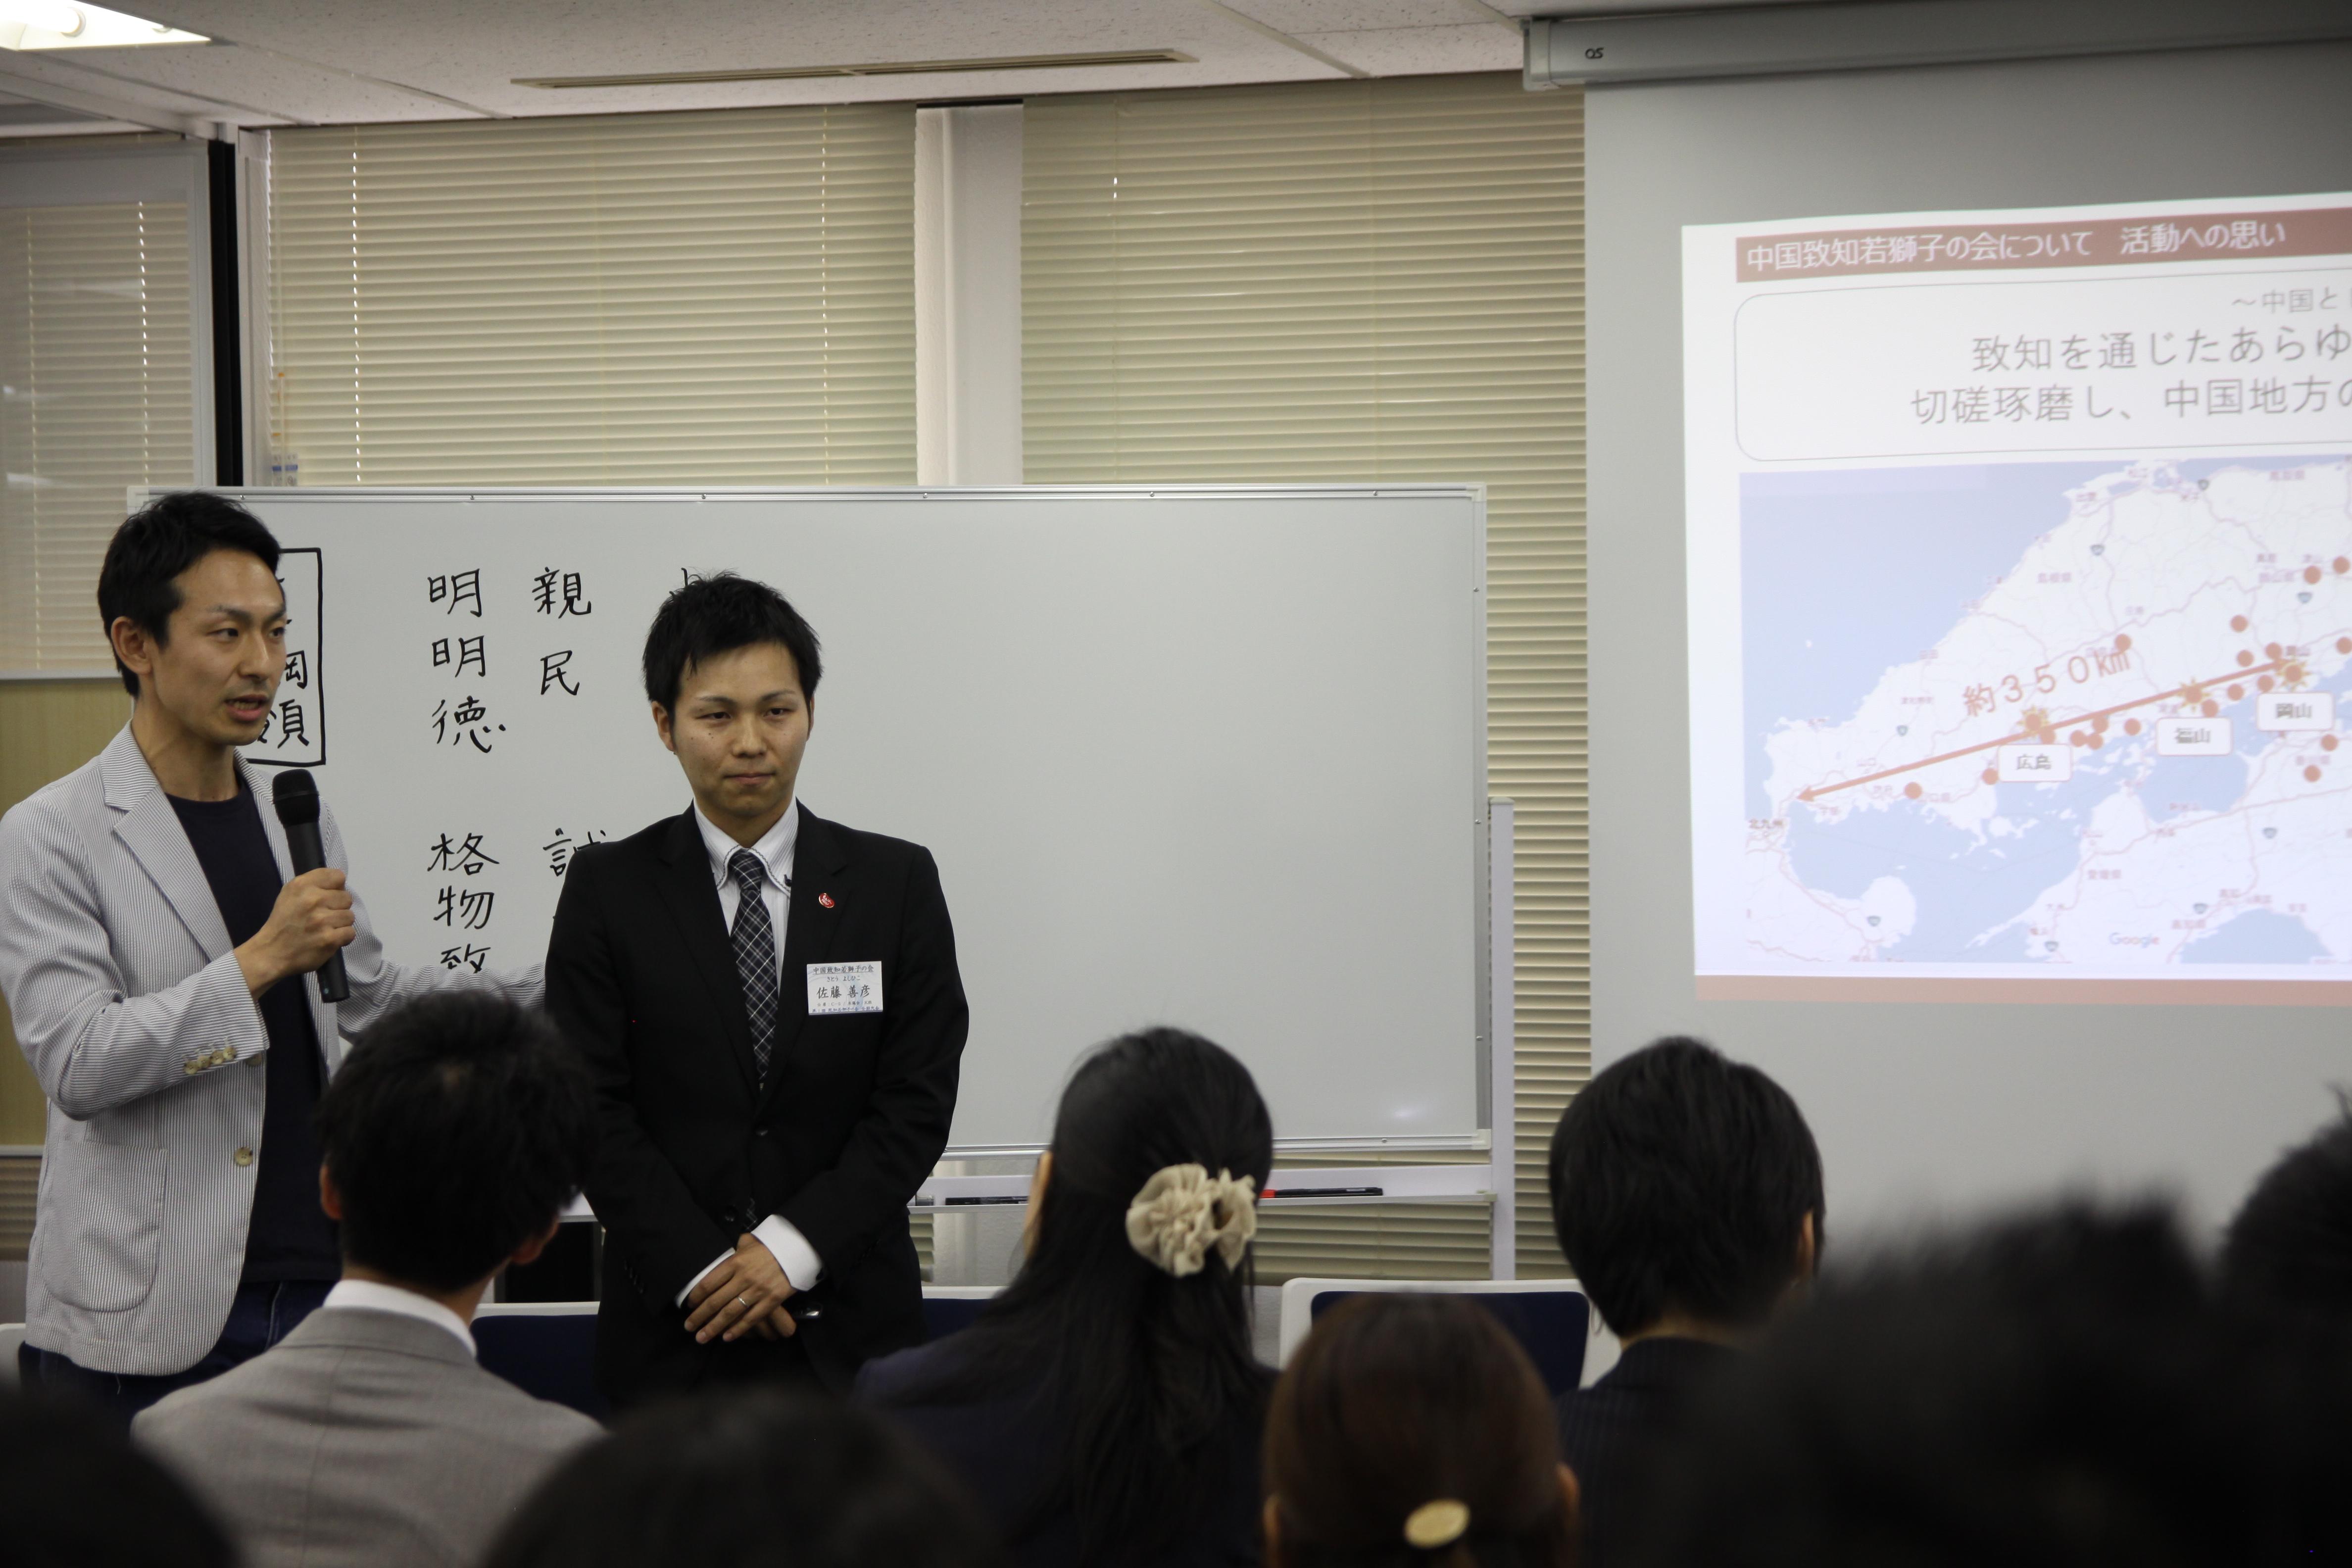 IMG 4685 - 関東若獅子の会、記念すべき第100回